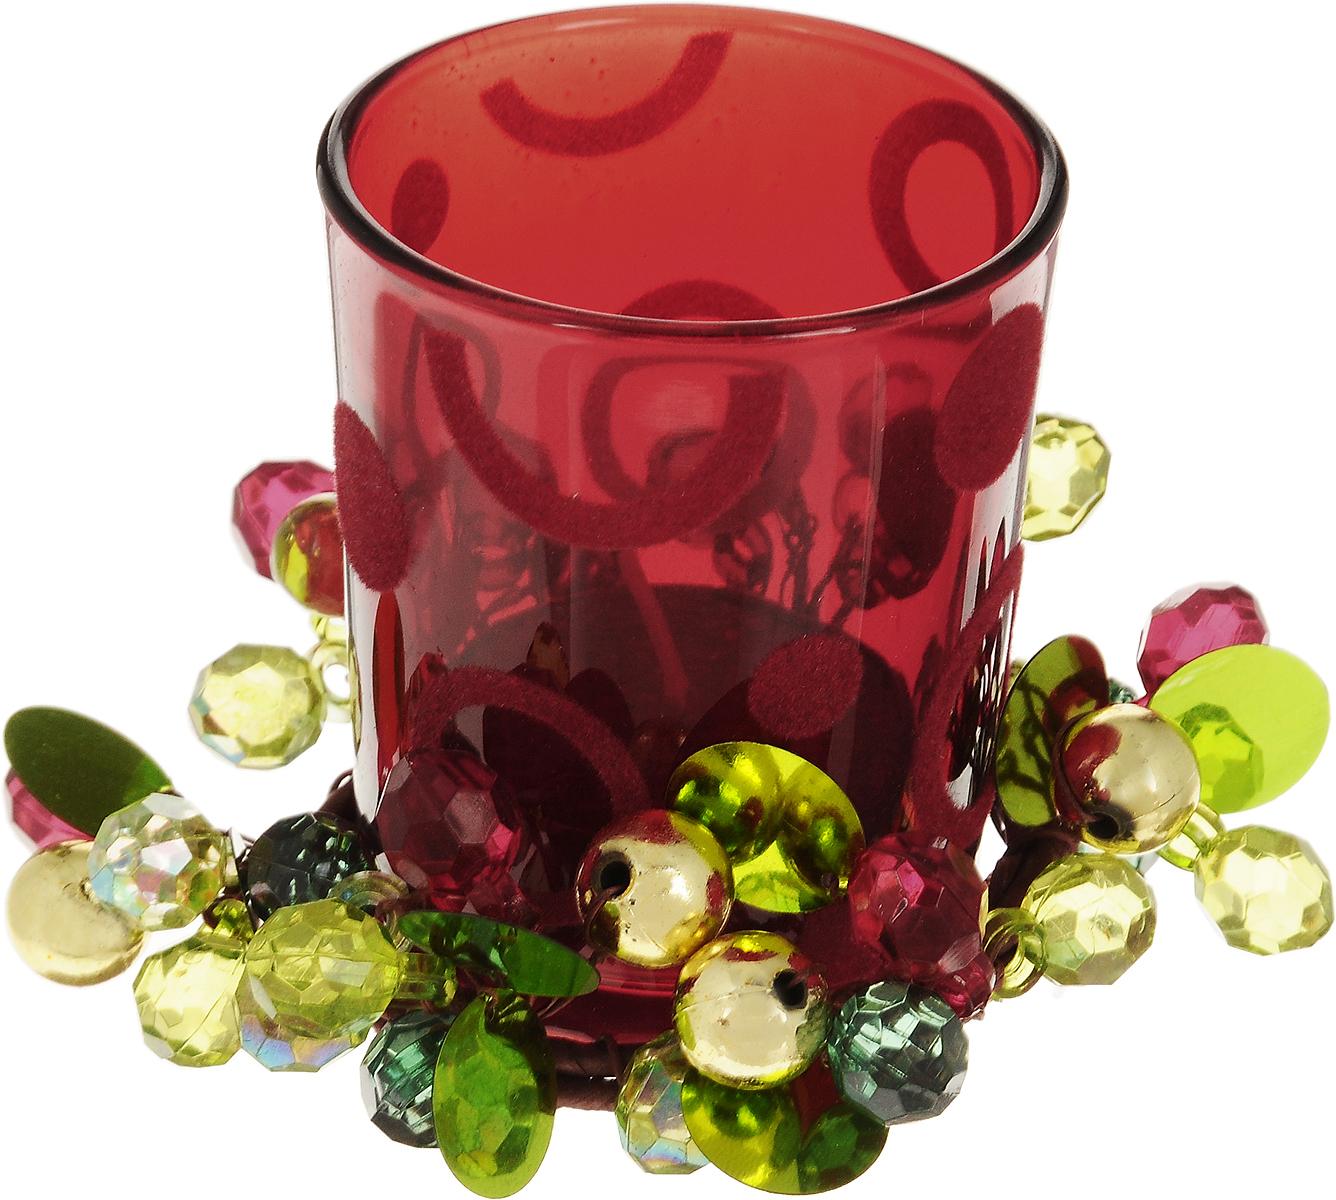 Подсвечник Lovemark Цветные ягоды, со свечой17613Подсвечник Lovemark представляет собой стеклянную емкость для чайной свечи, оформленную изысканным декоративным элементом в виде плетеной веточки с ягодками. Чайная свеча красного цвета входит в комплект. Такой подсвечник элегантно оформит интерьер вашего дома. Мерцание свечи создаст атмосферу романтики и уюта. Диаметр емкости (по верхнему краю): 5,5 см. Высота емкости: 6,5 см. Диаметр свечи: 3,5 см.